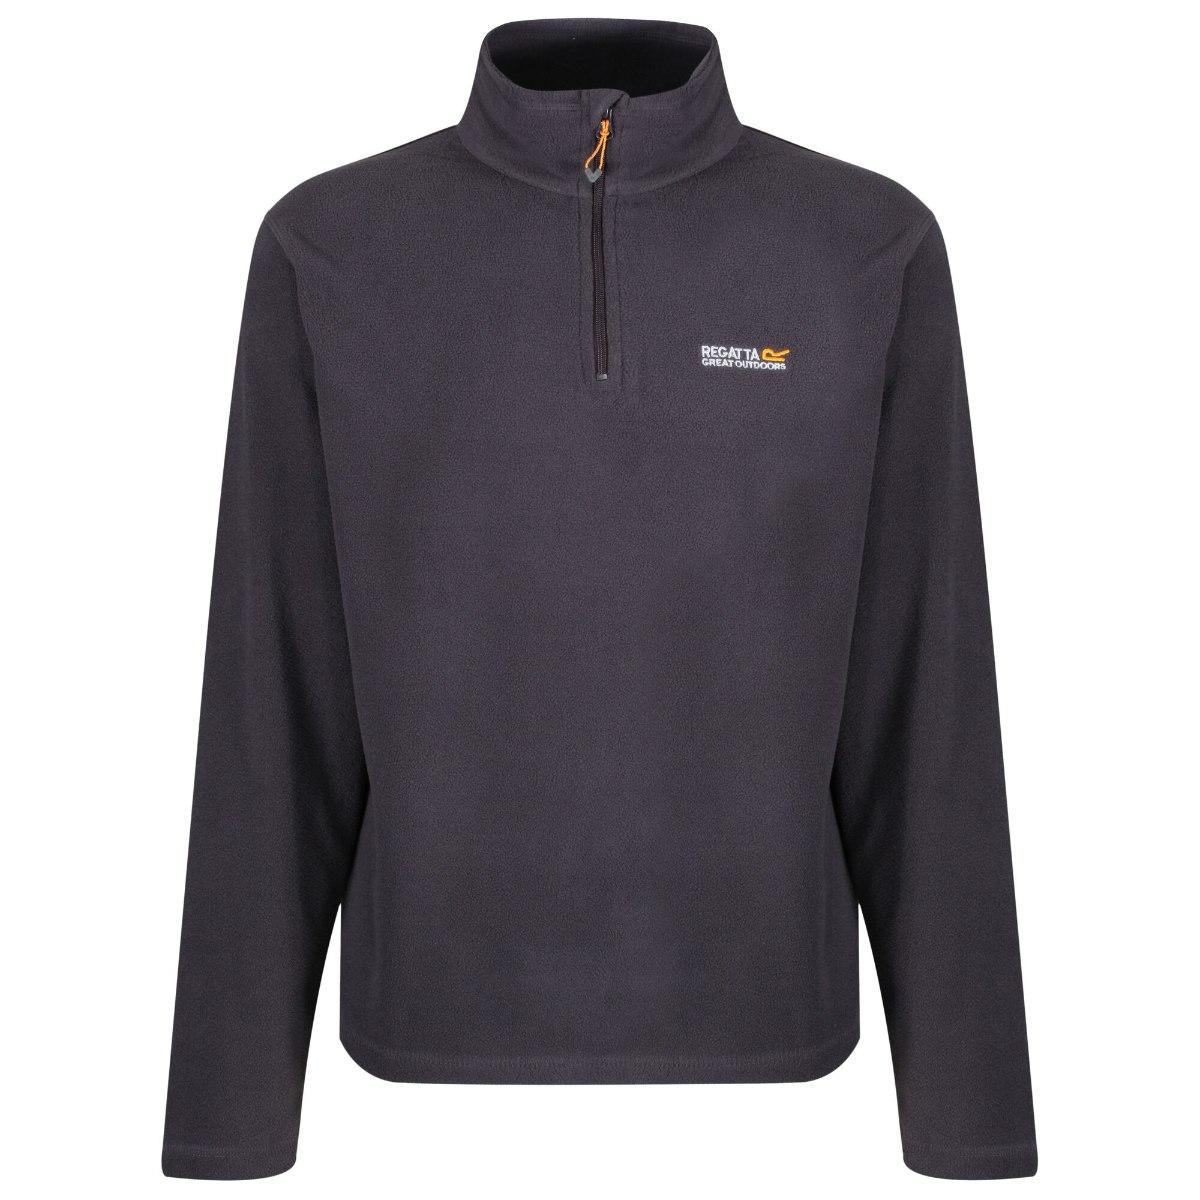 חולצת מיקרופליז גברים דגם Thompson אפורה מבית מותג אופנת המטיילים הבריטית Regatta Great Outdoors